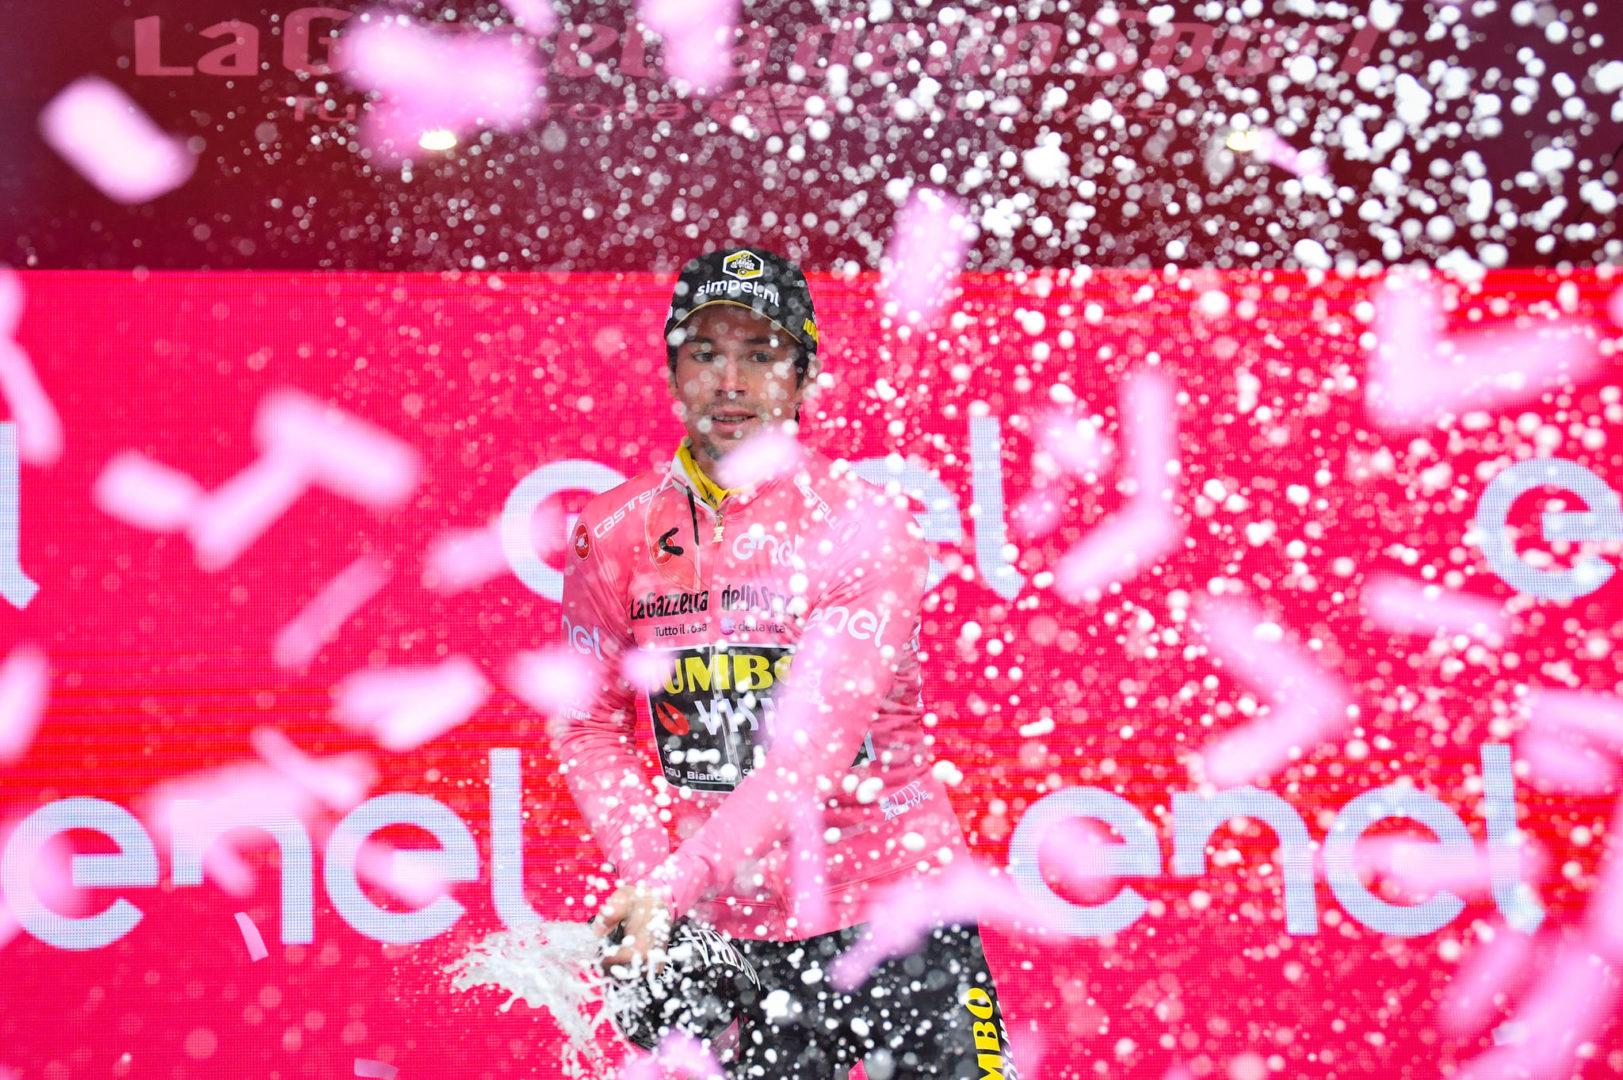 Giro d'Italia 2019 - edizione 102 - tappa 05Da Frascati a Terracina - km 140